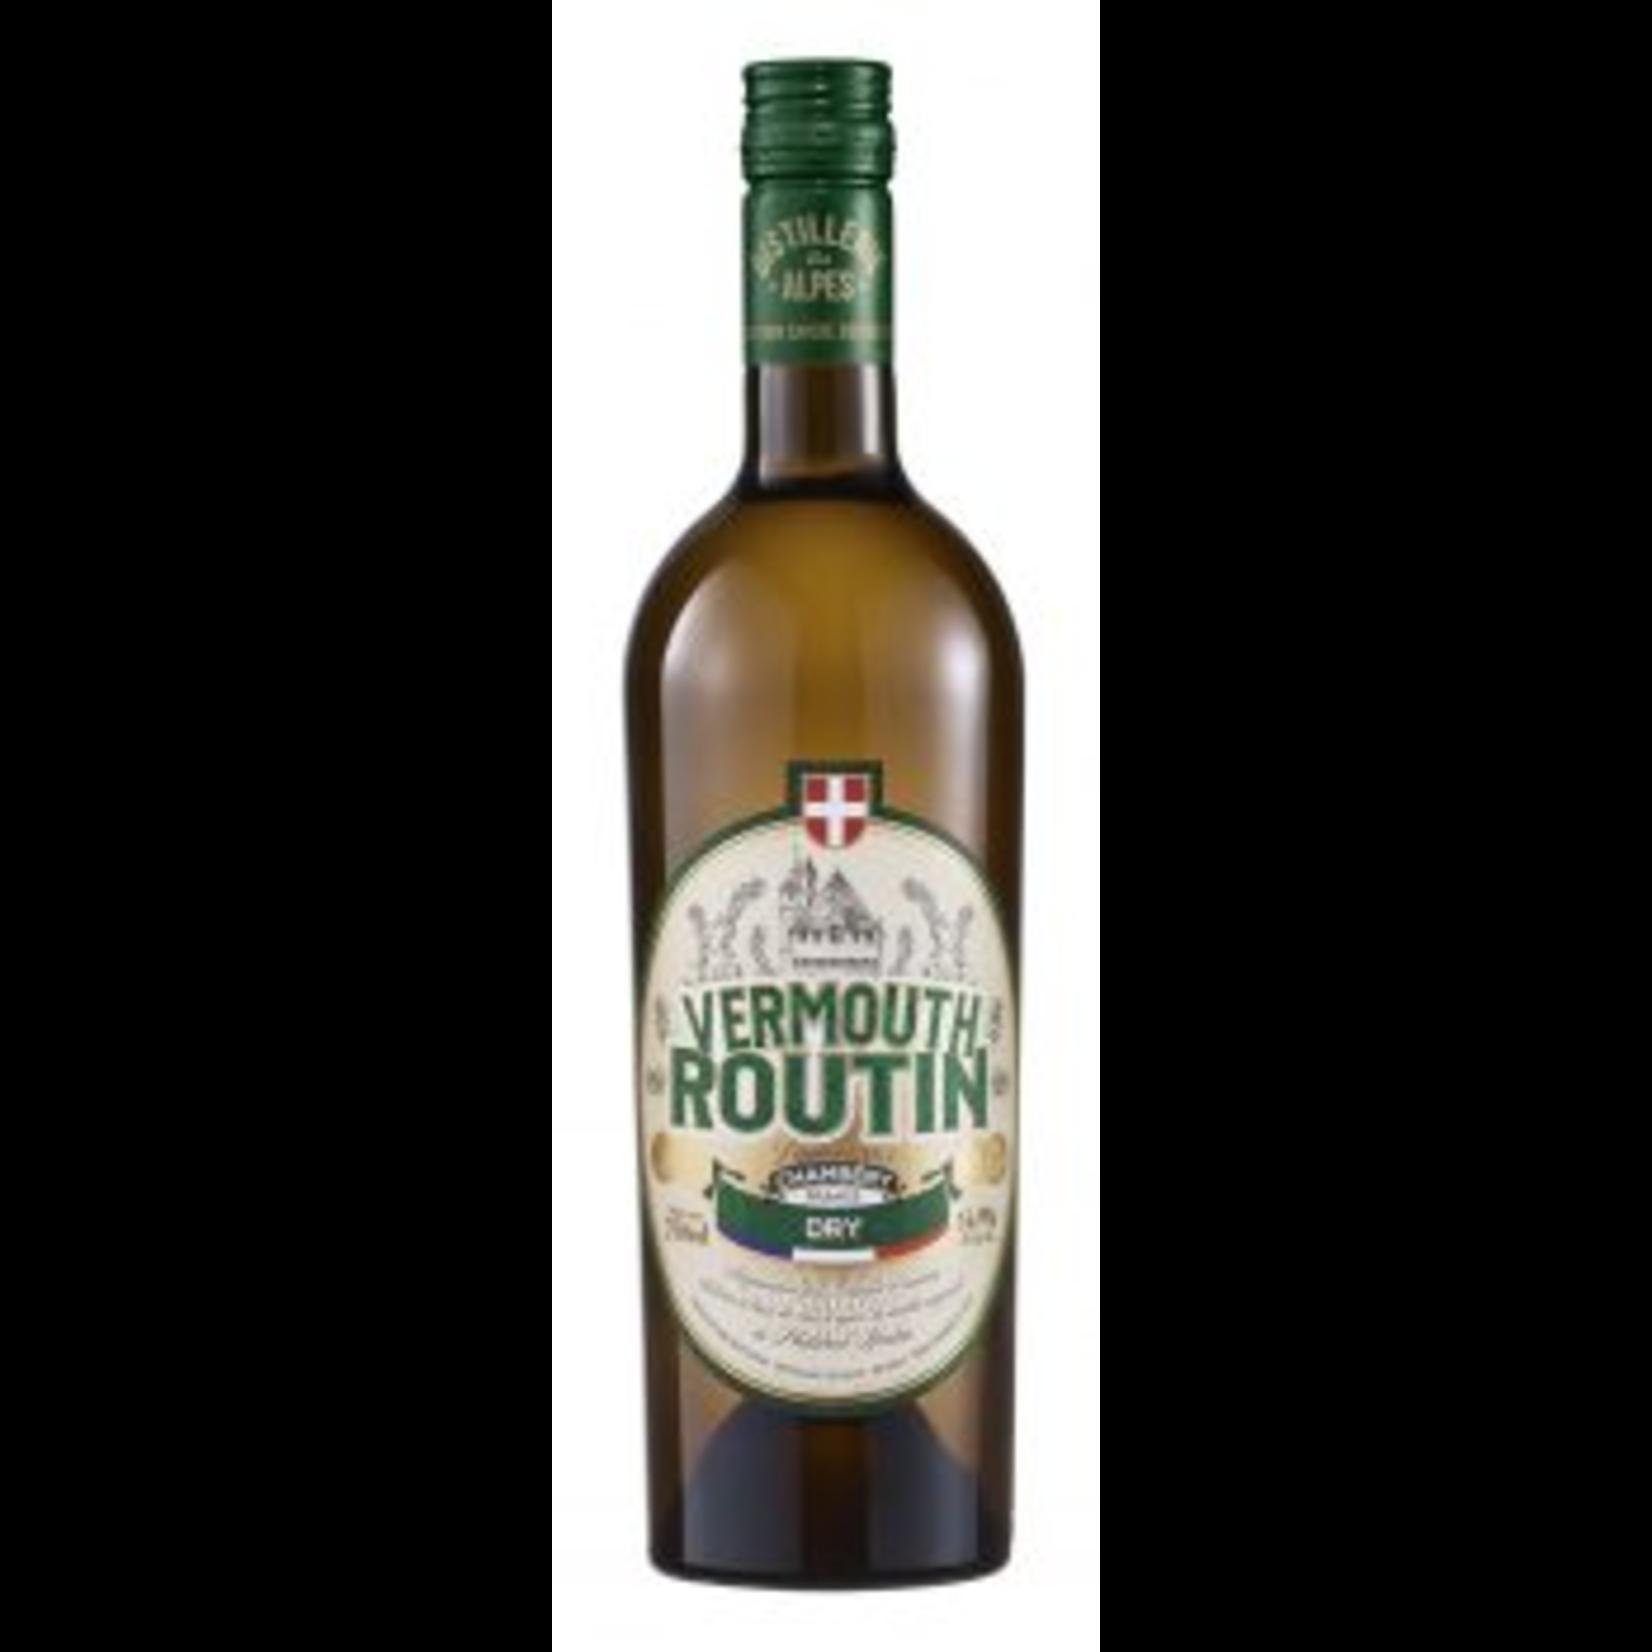 Vermouth Routin Dry 375ml